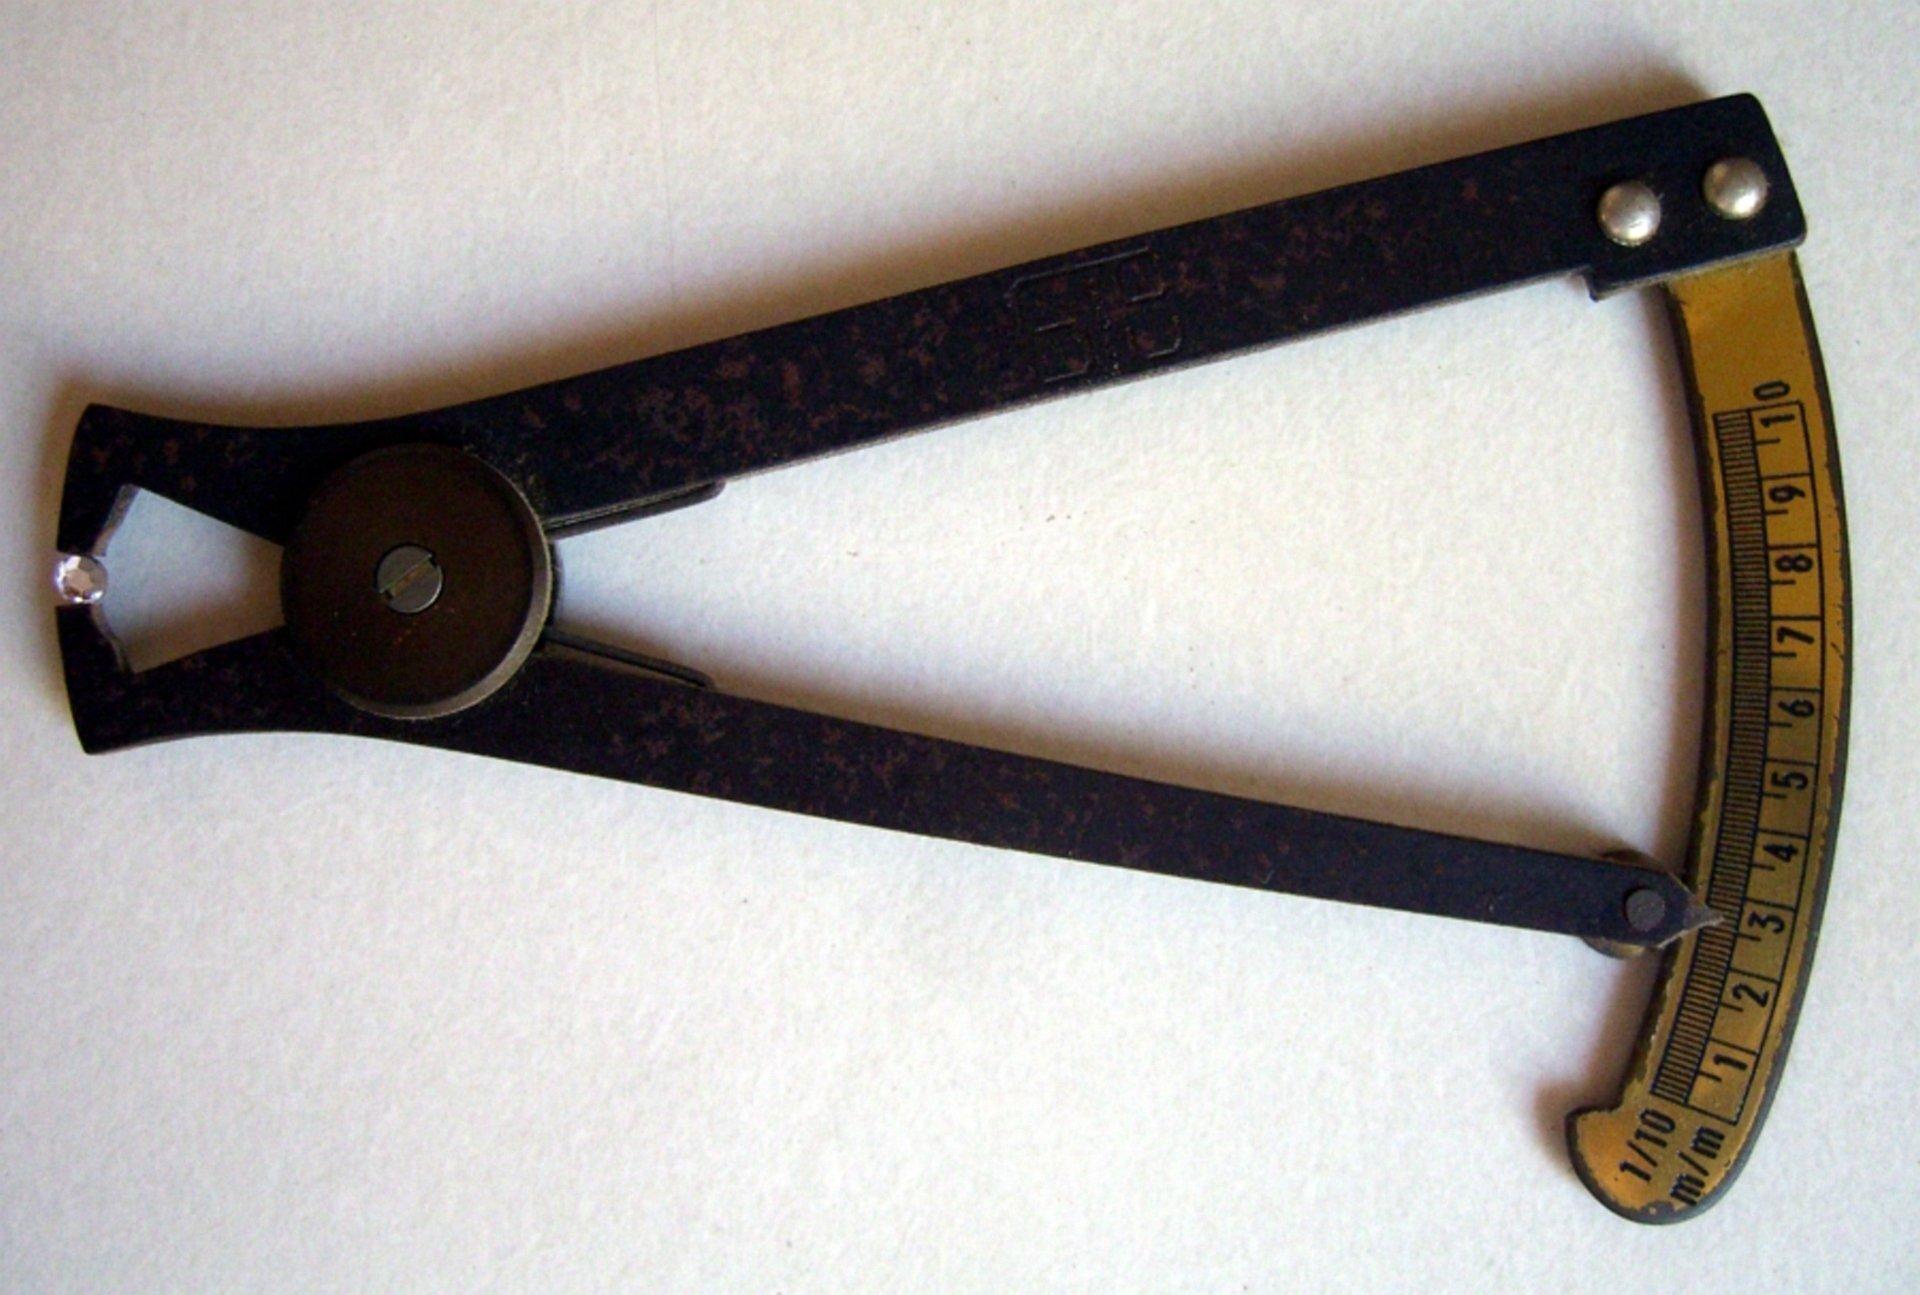 Jubilerski przyrząd pomiarowy suwmiarkowy na białym tle, przypominający kleszcze zpodziałką na rączce mierzącą szerokość rozwarcia szczęk. Wszczękach przyrządu znajduje się mały bezbarwny kamień, ajego wymiary odczytywane na skali to 2,6 mm.